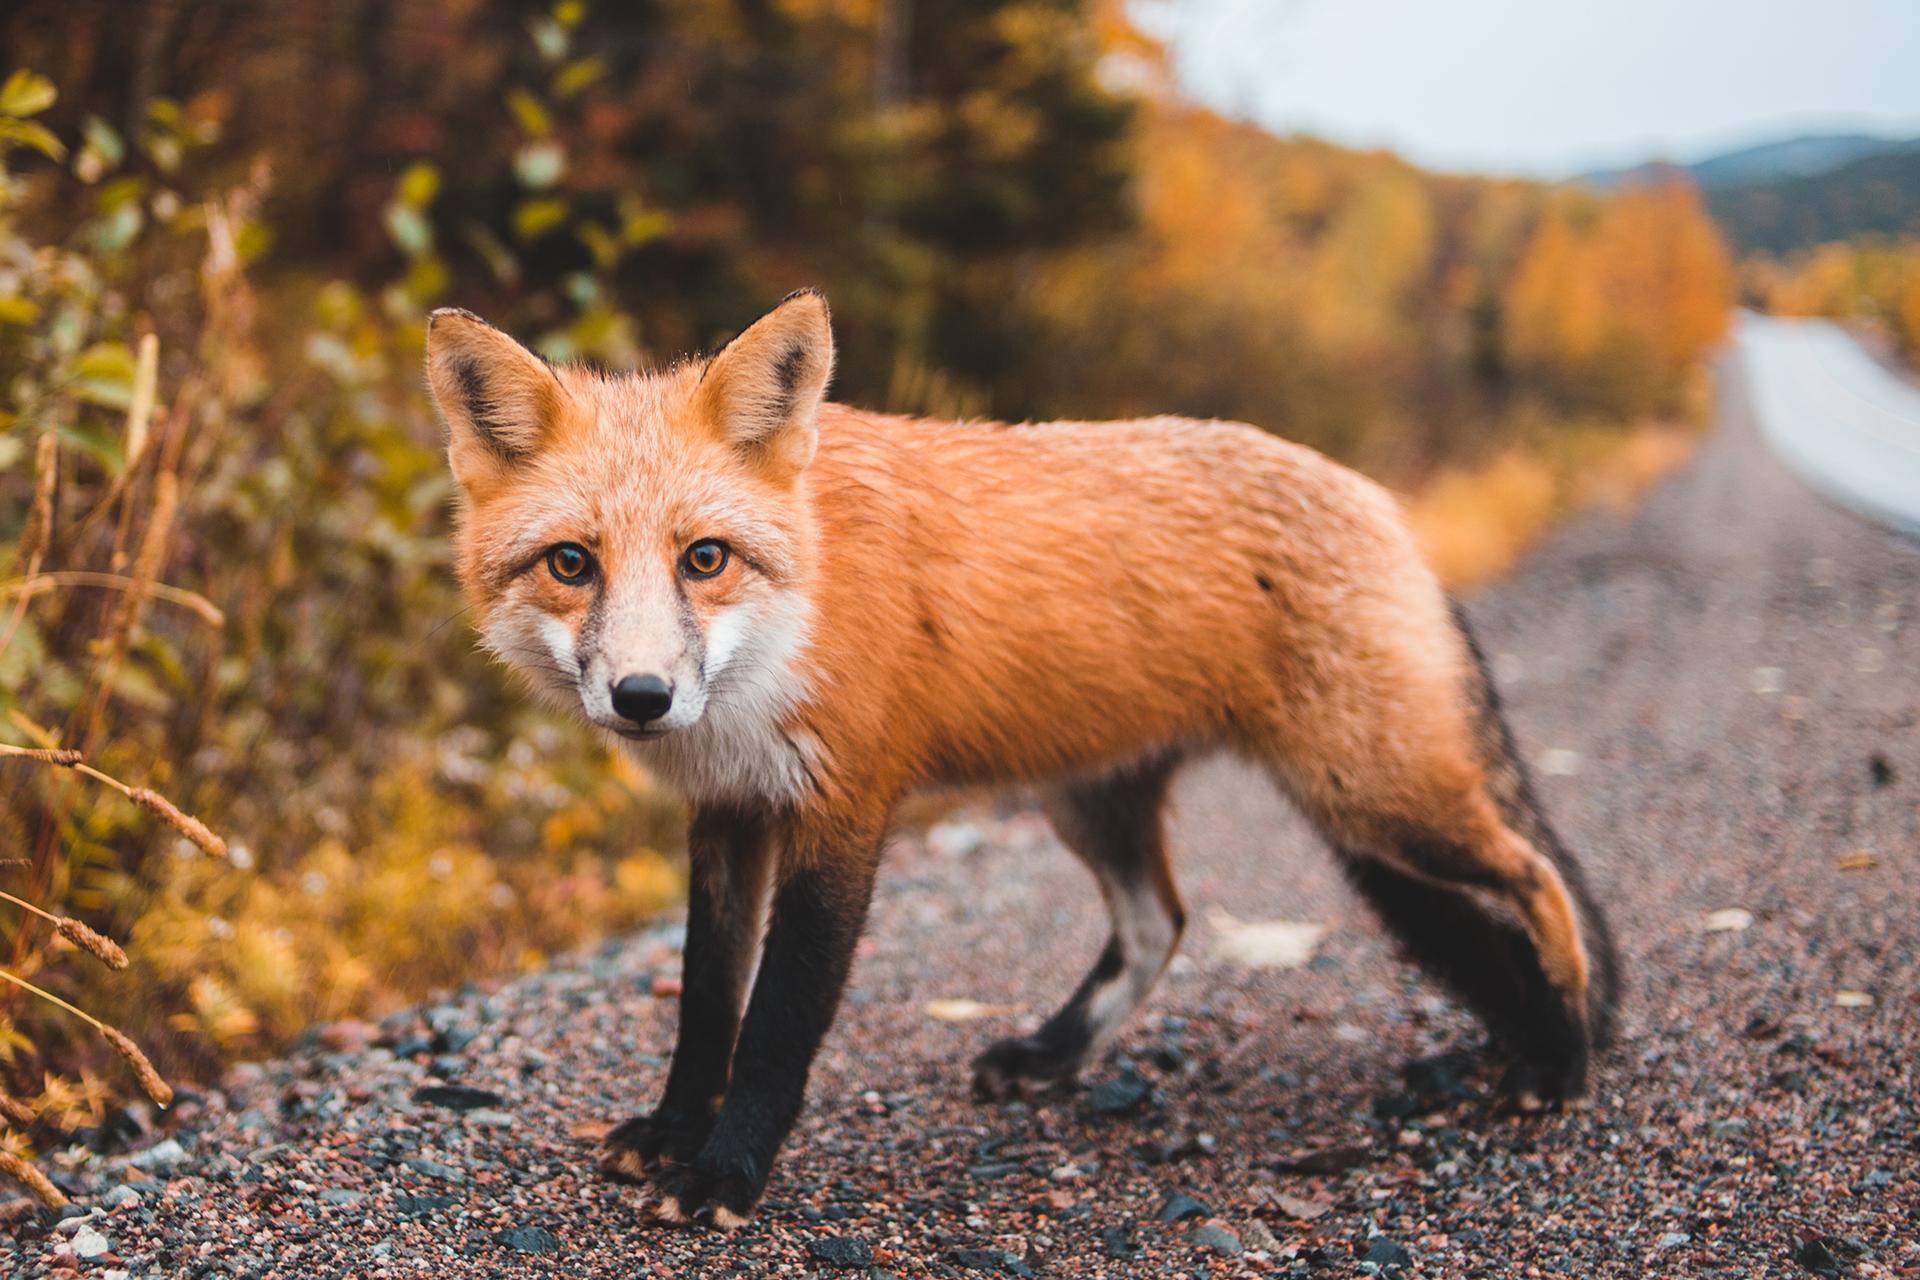 agriturismi in maremma foto di una volpe